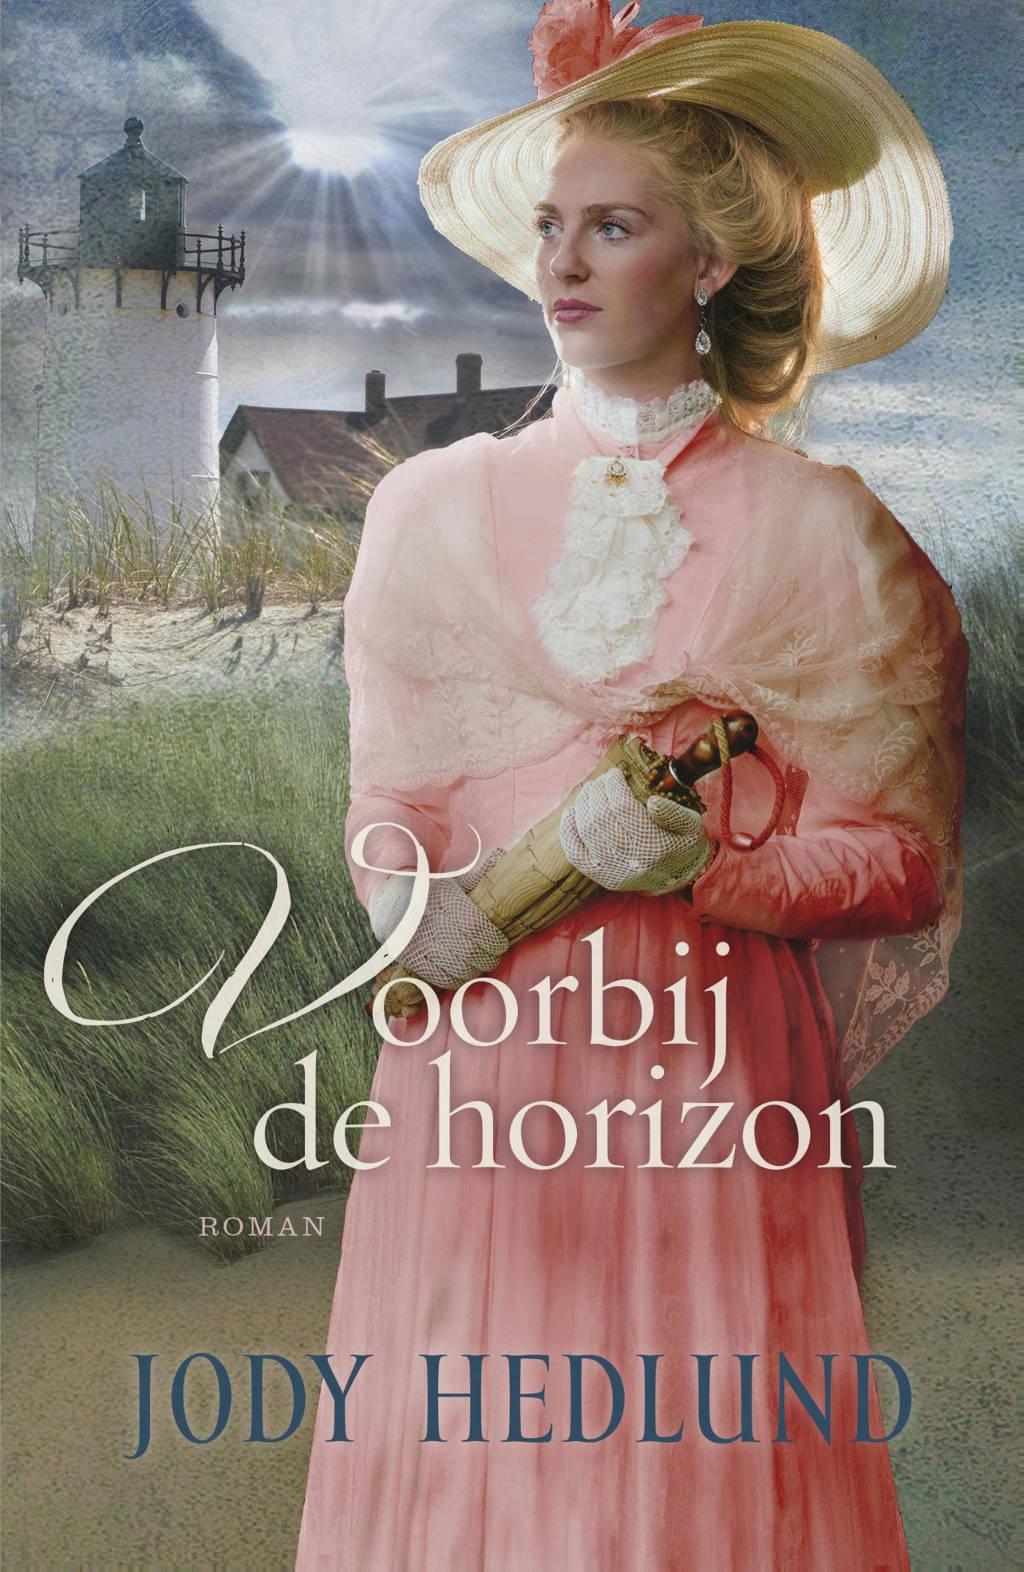 Voorbij de horizon - Jody Hedlund